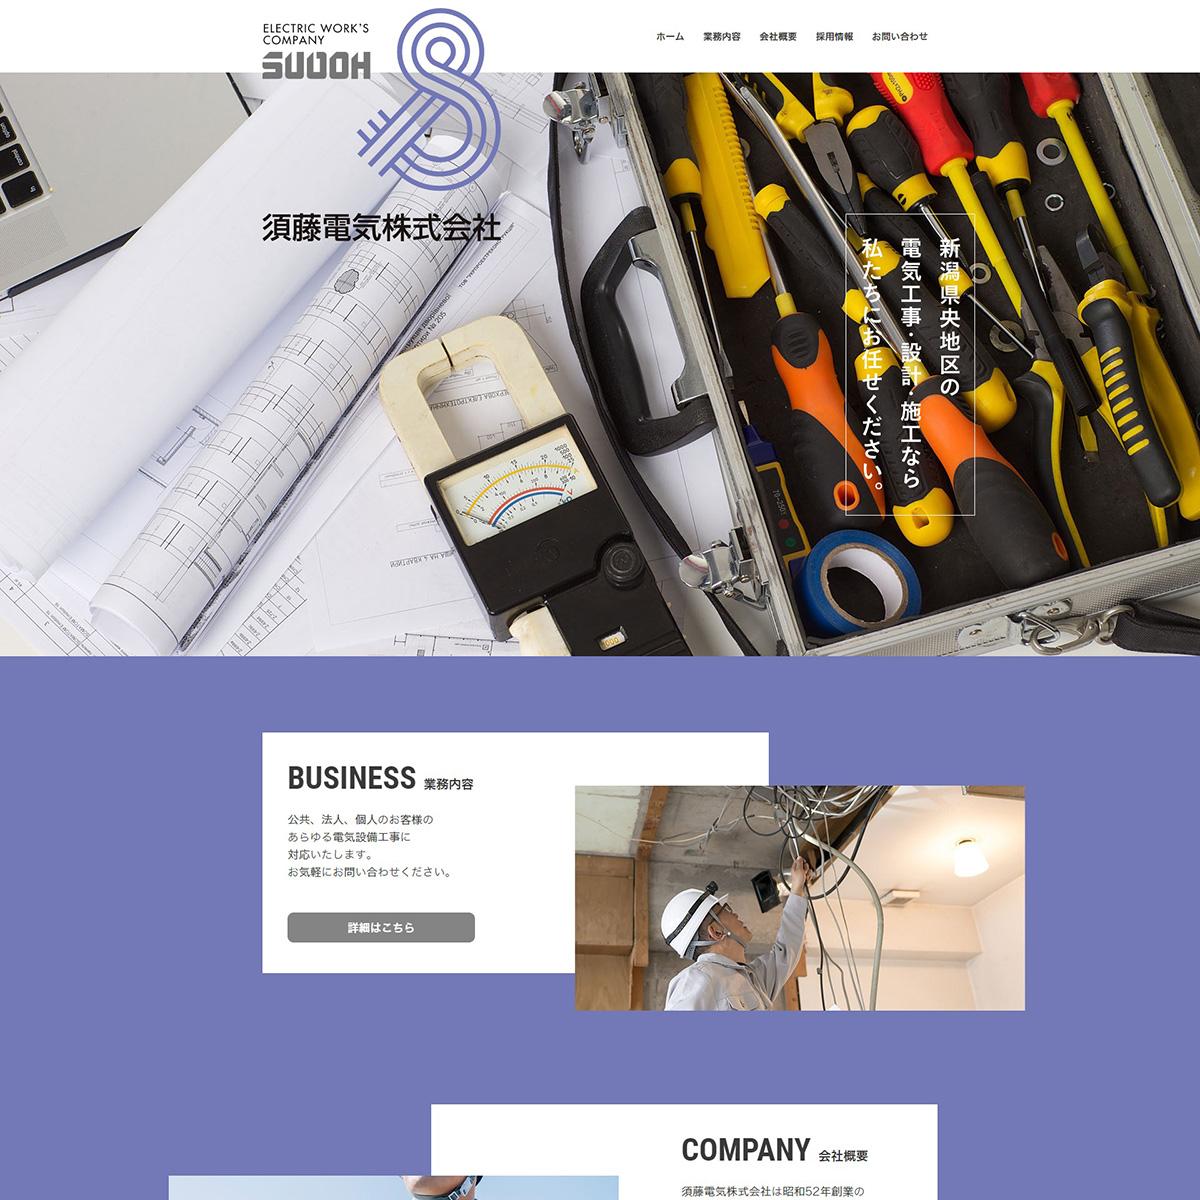 須藤電気株式会社